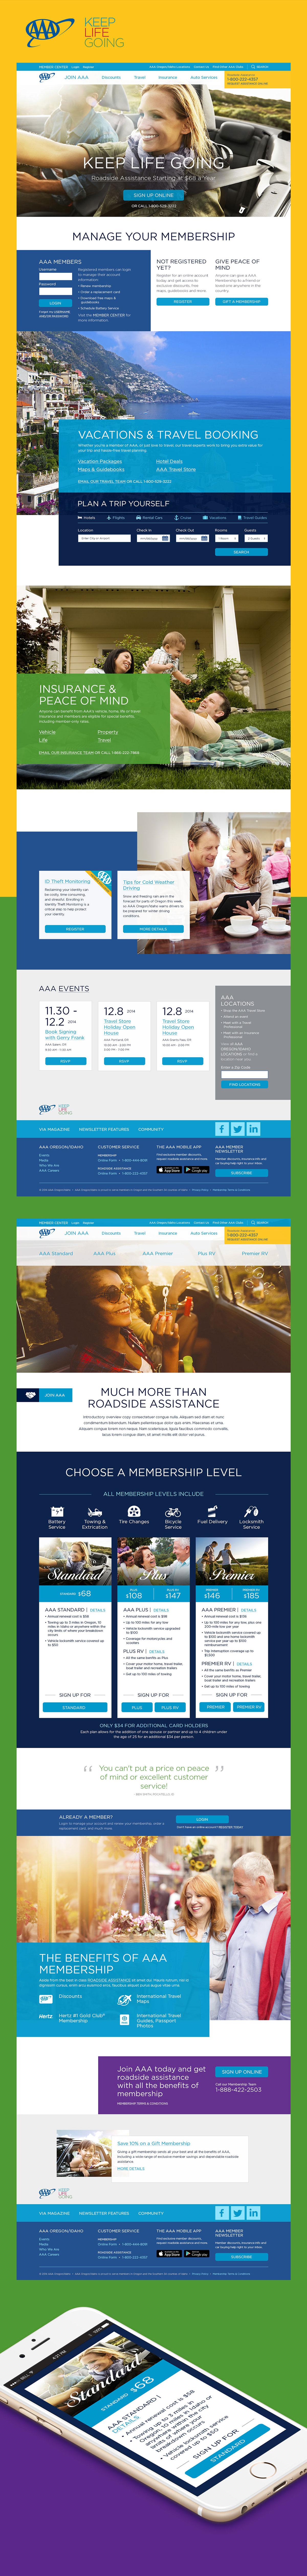 Aaa Oregon On Behance Responsive Web Design Web Design Inspiration Best Web Design